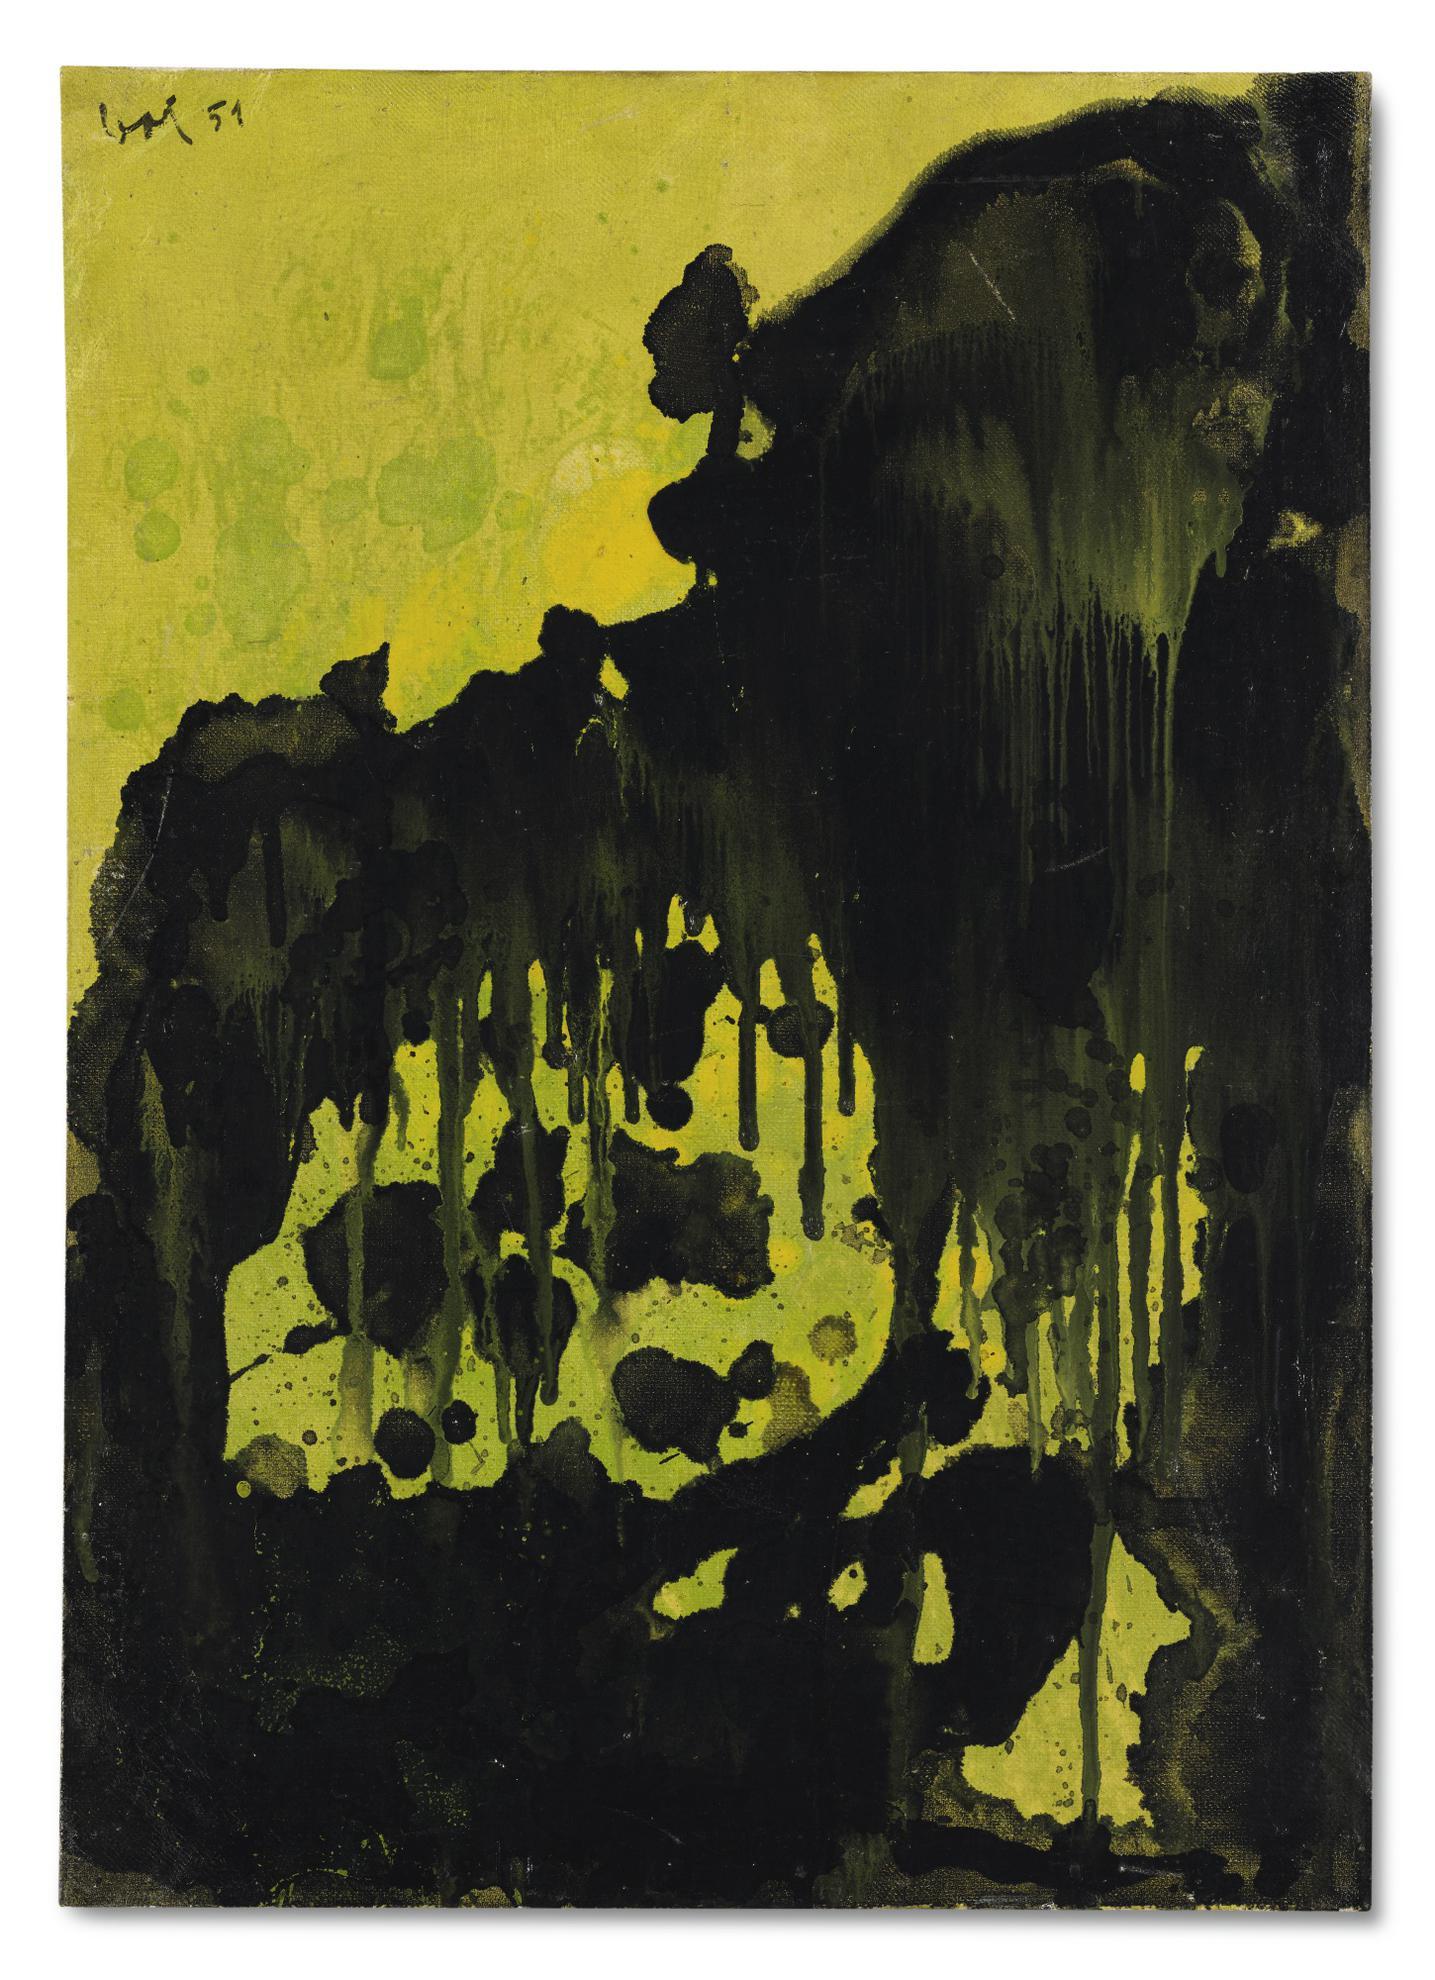 Enrico Baj-Composizione Nucleare-1951